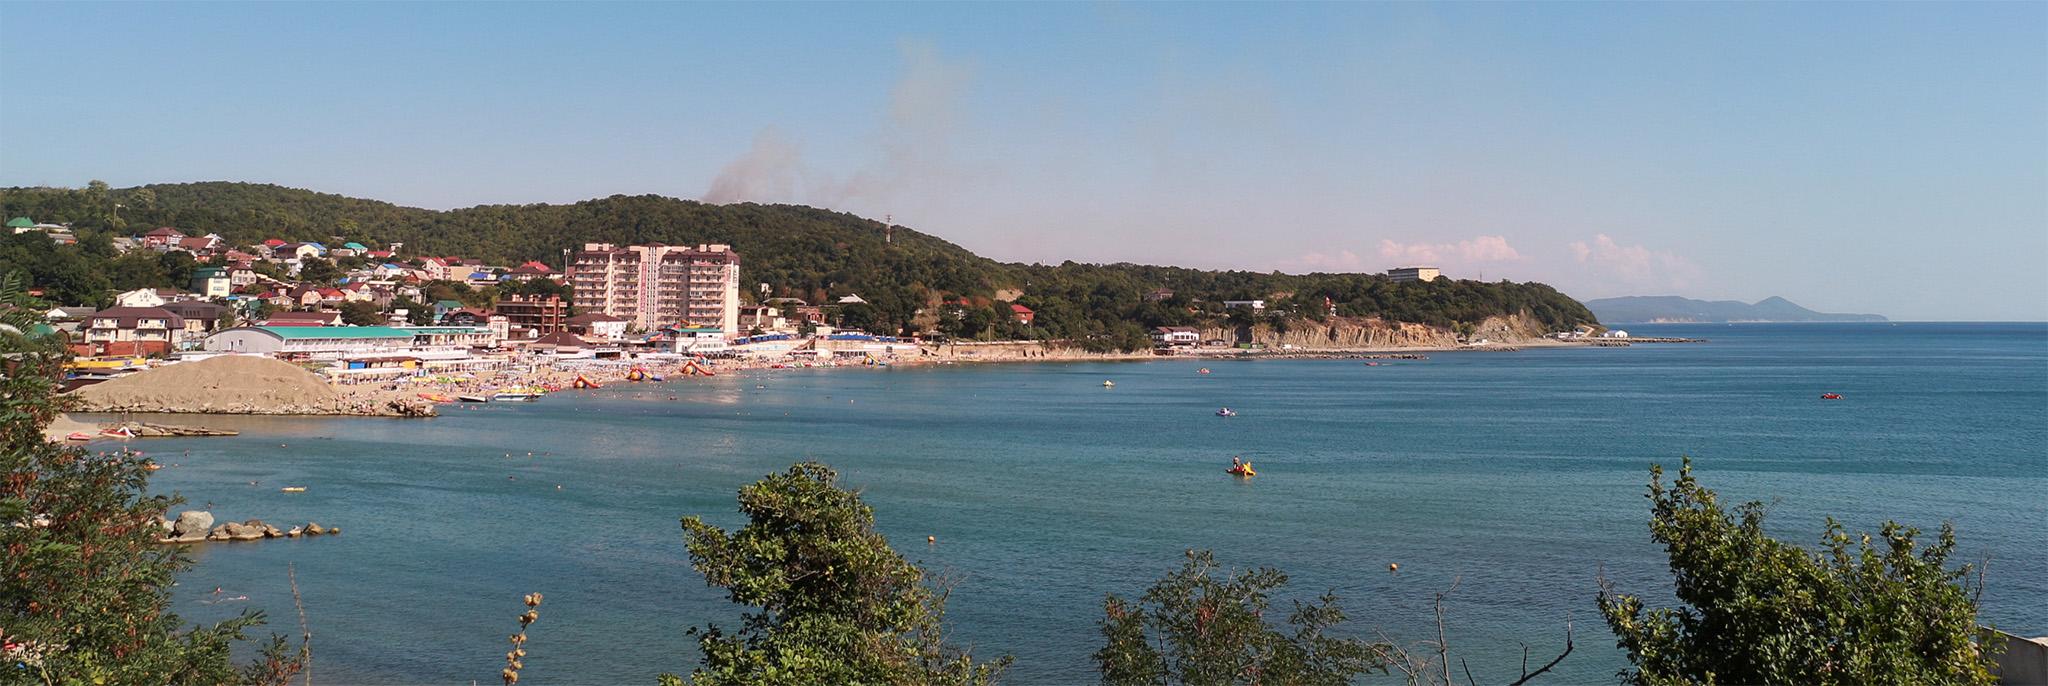 Отдых в Джубге, панорамный вид побережья